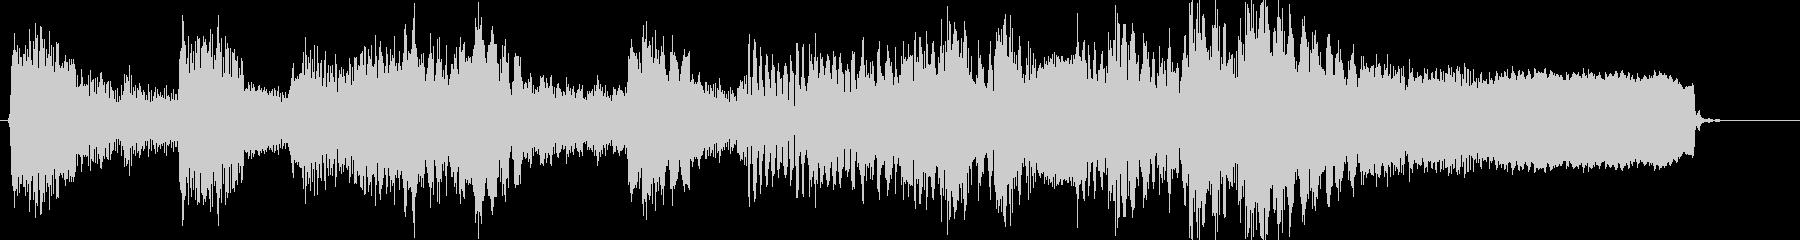 和風琴尺八で勢いのある戦国風のジングルの未再生の波形